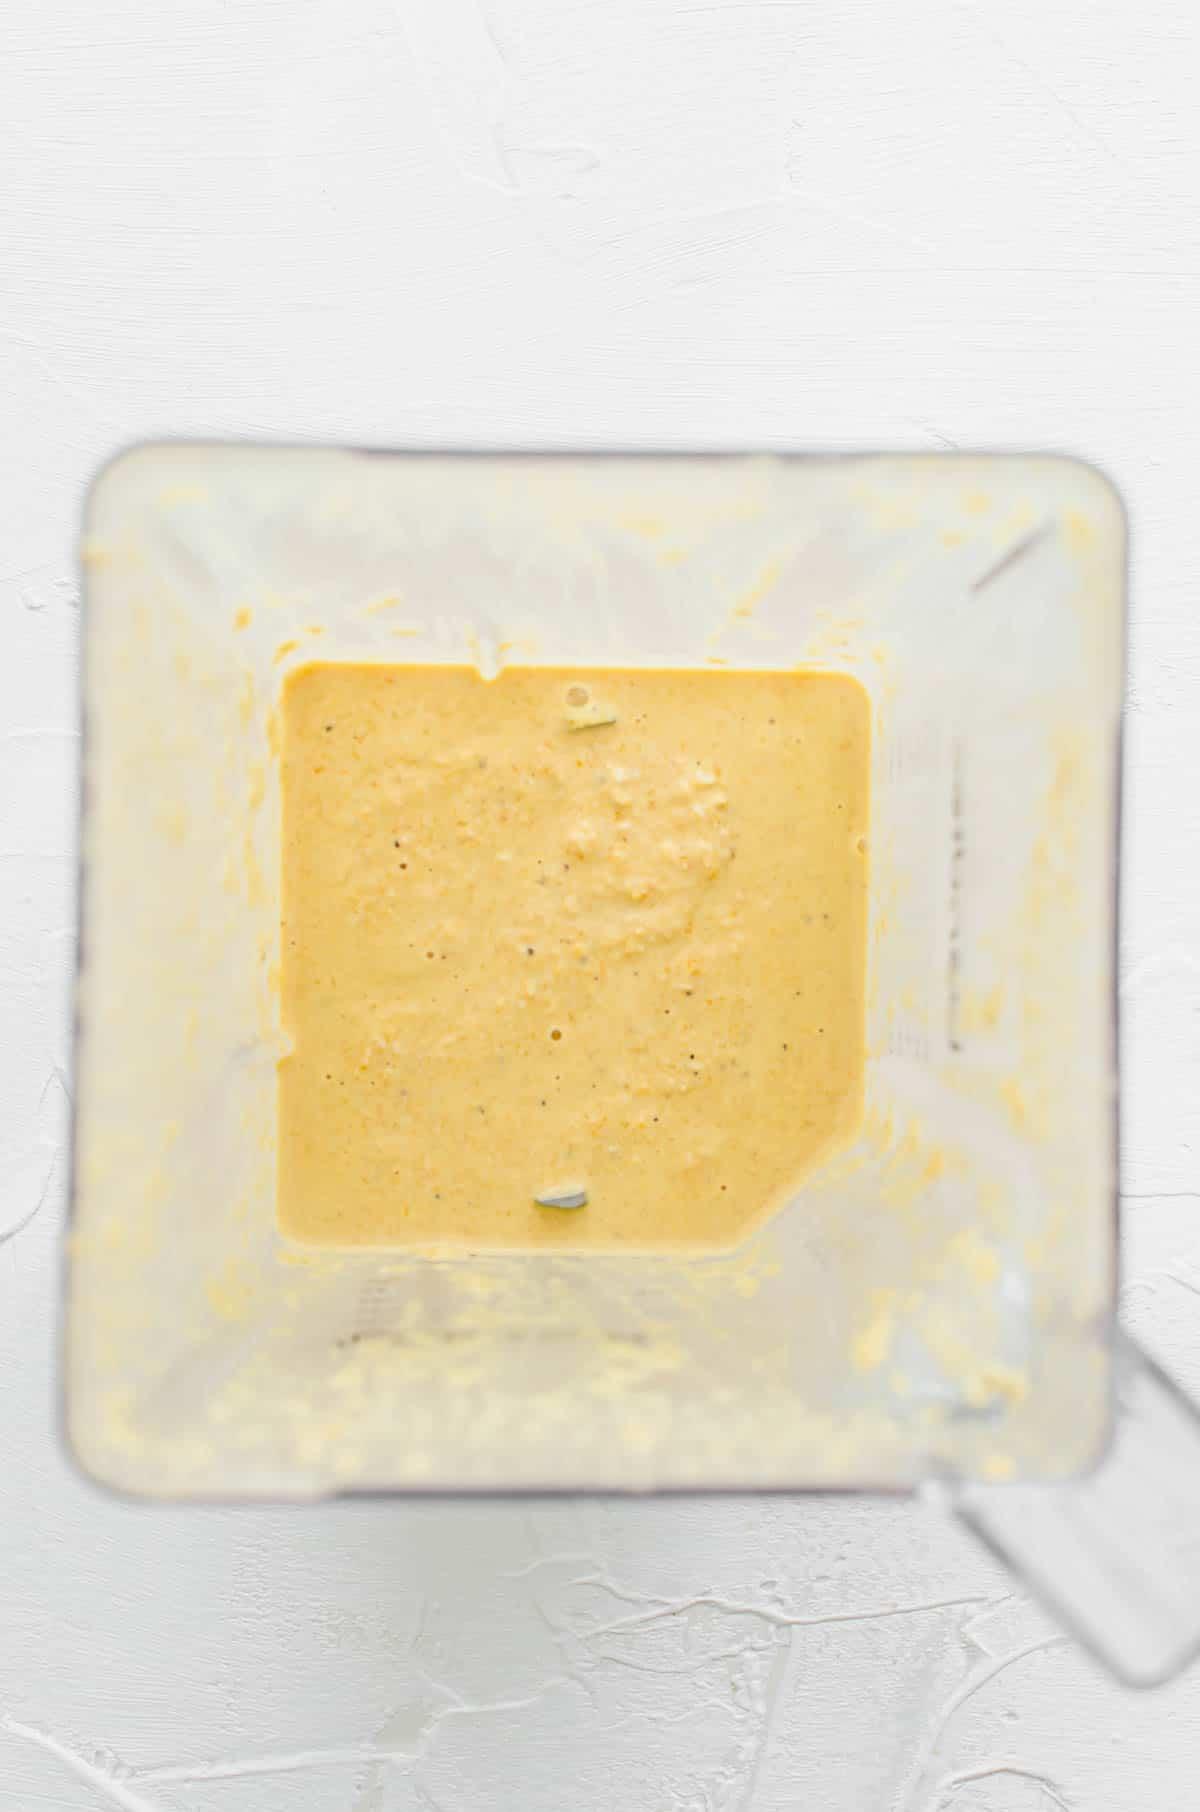 Cashew cream in a blender.